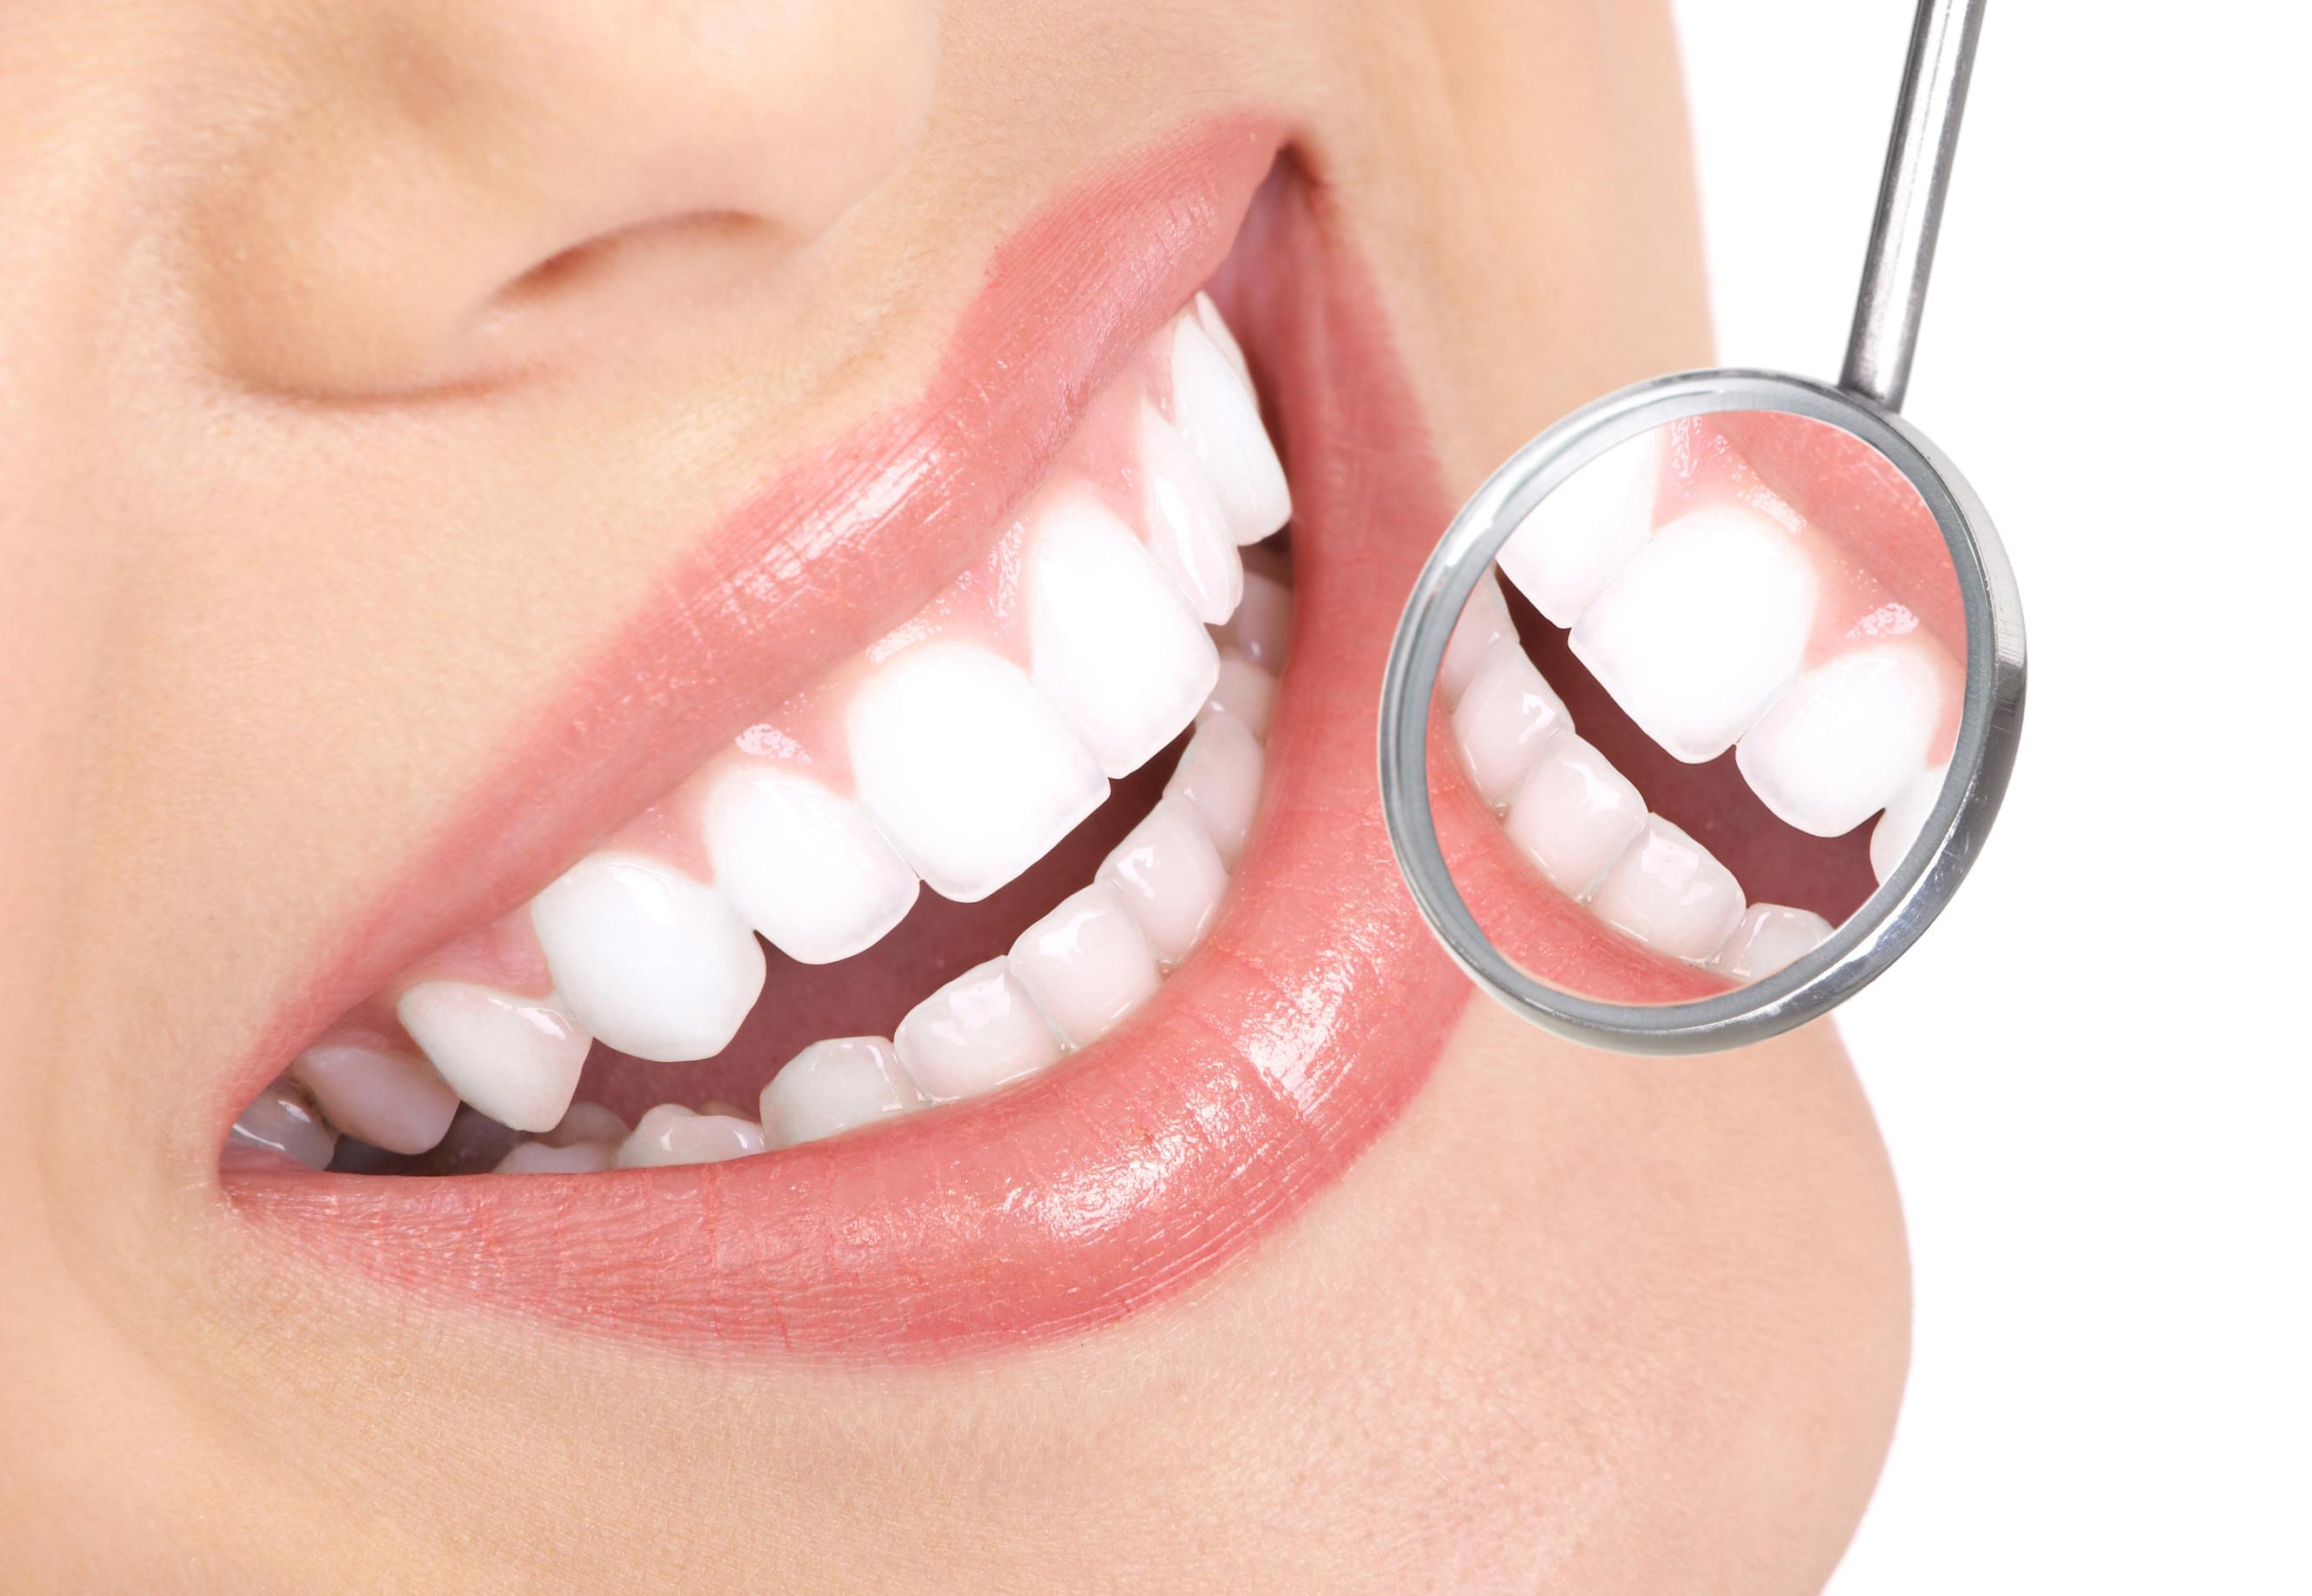 Clinica odontoiatrica: perché preferirla al tradizionale studio dentistico